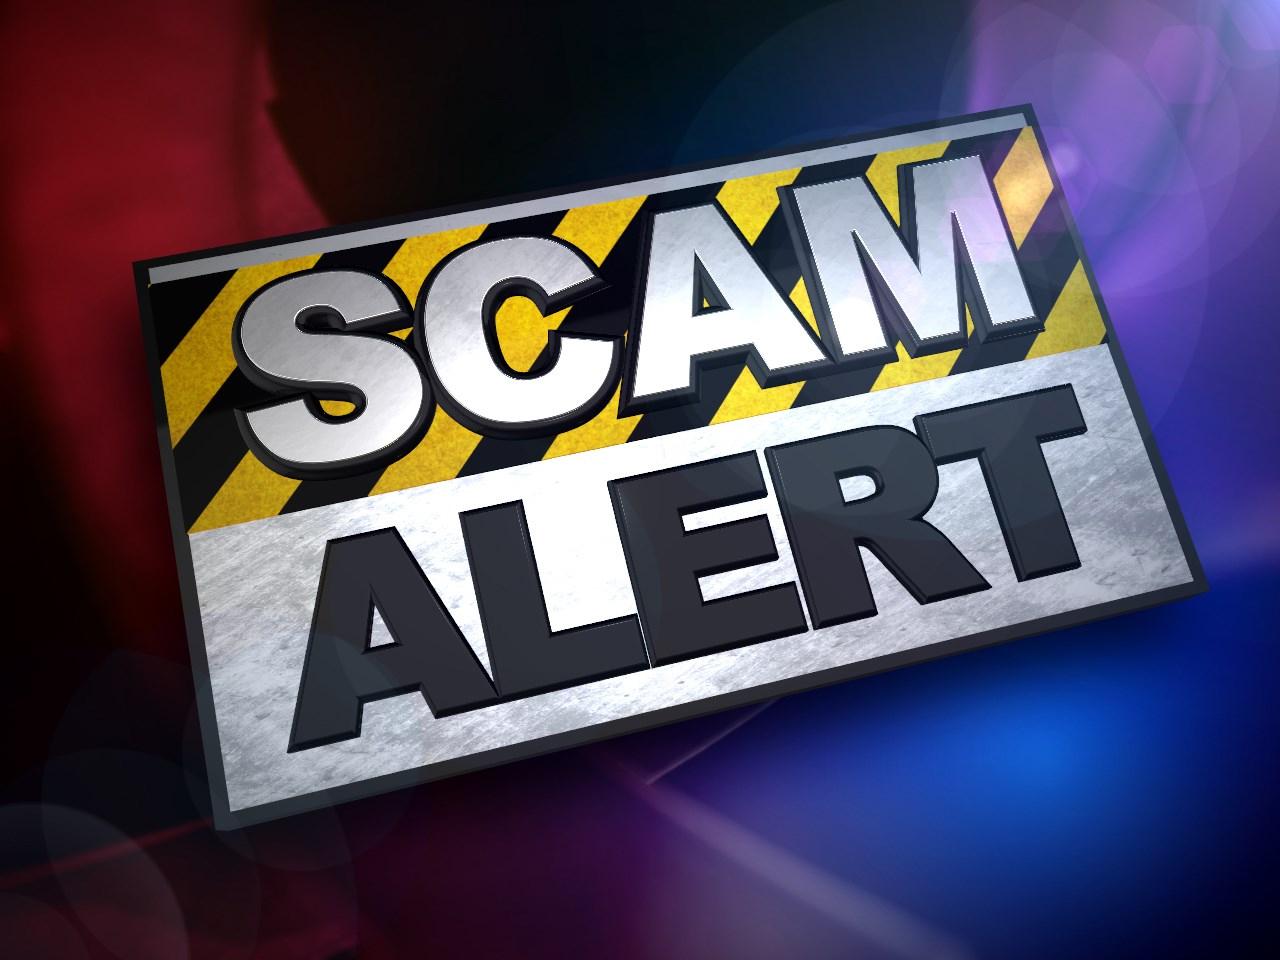 scam alert___1550183605060.jpg.jpg